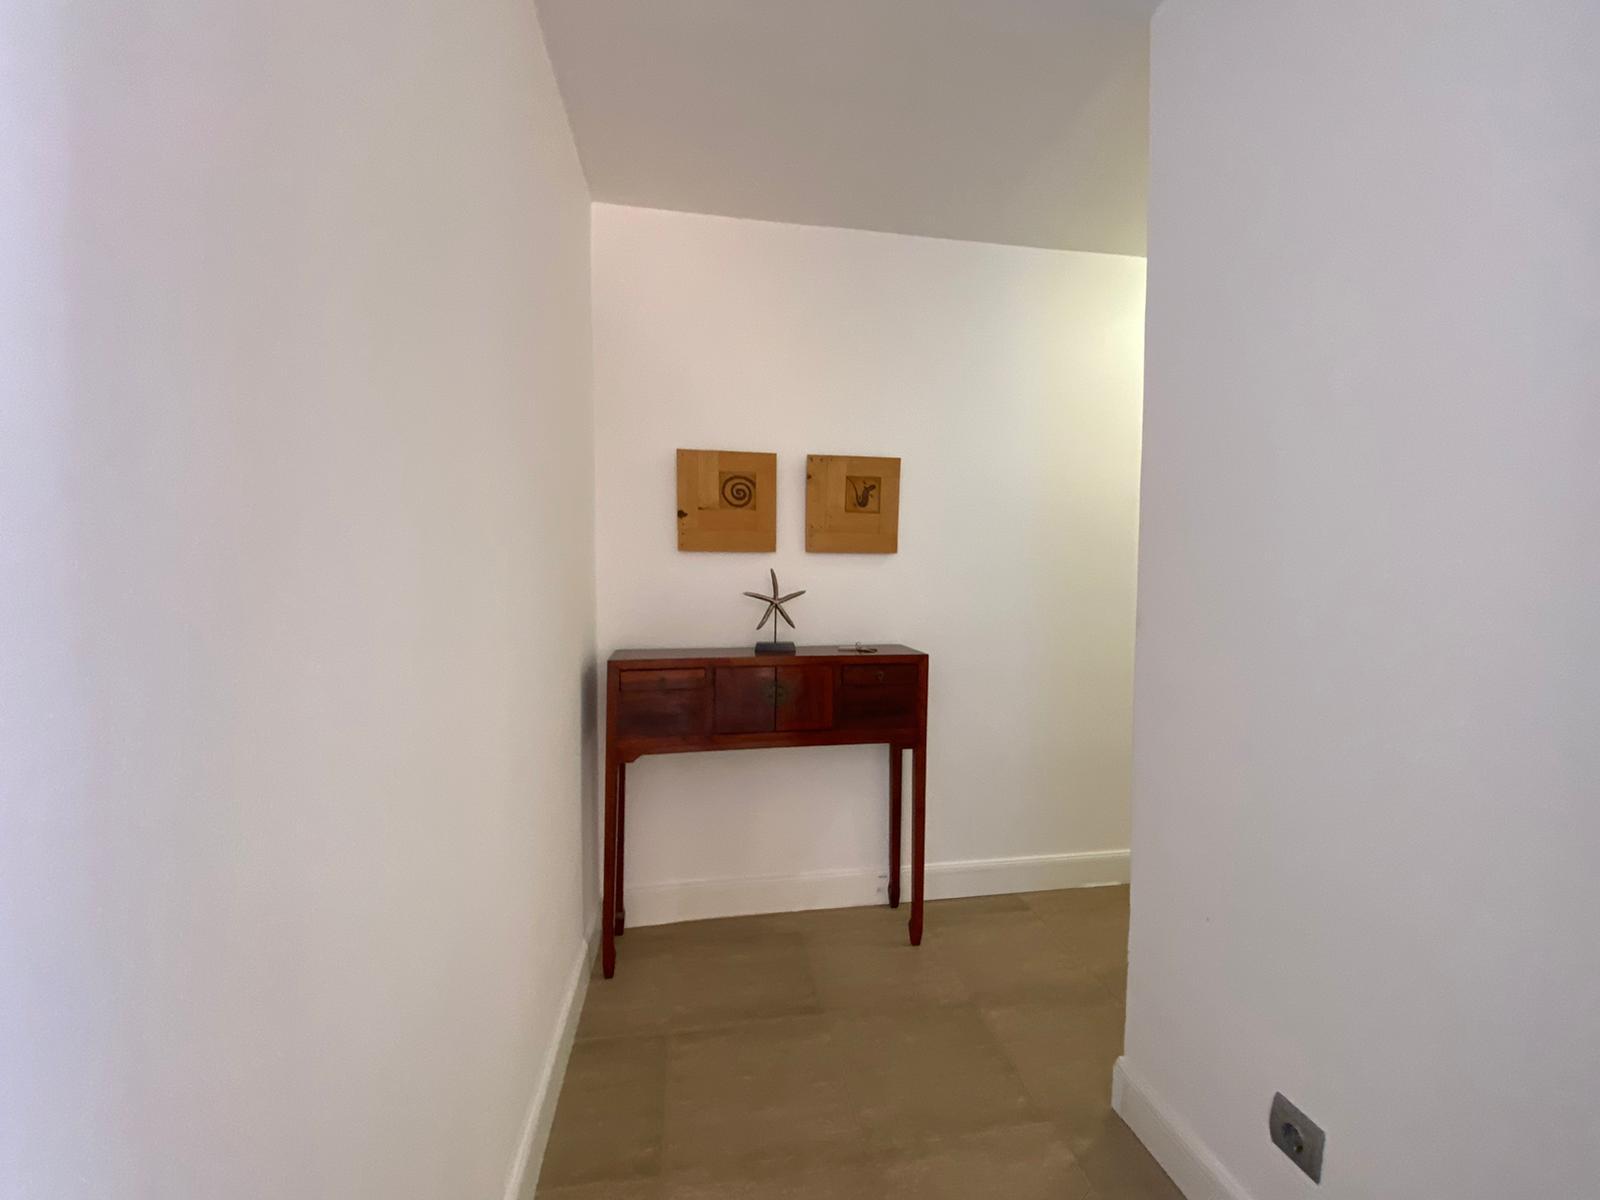 Imagen 8 del Apartamento Turístico, Ático 6 Poniente (3d+2b), Punta del Moral (HUELVA), Paseo de la Cruz nº22